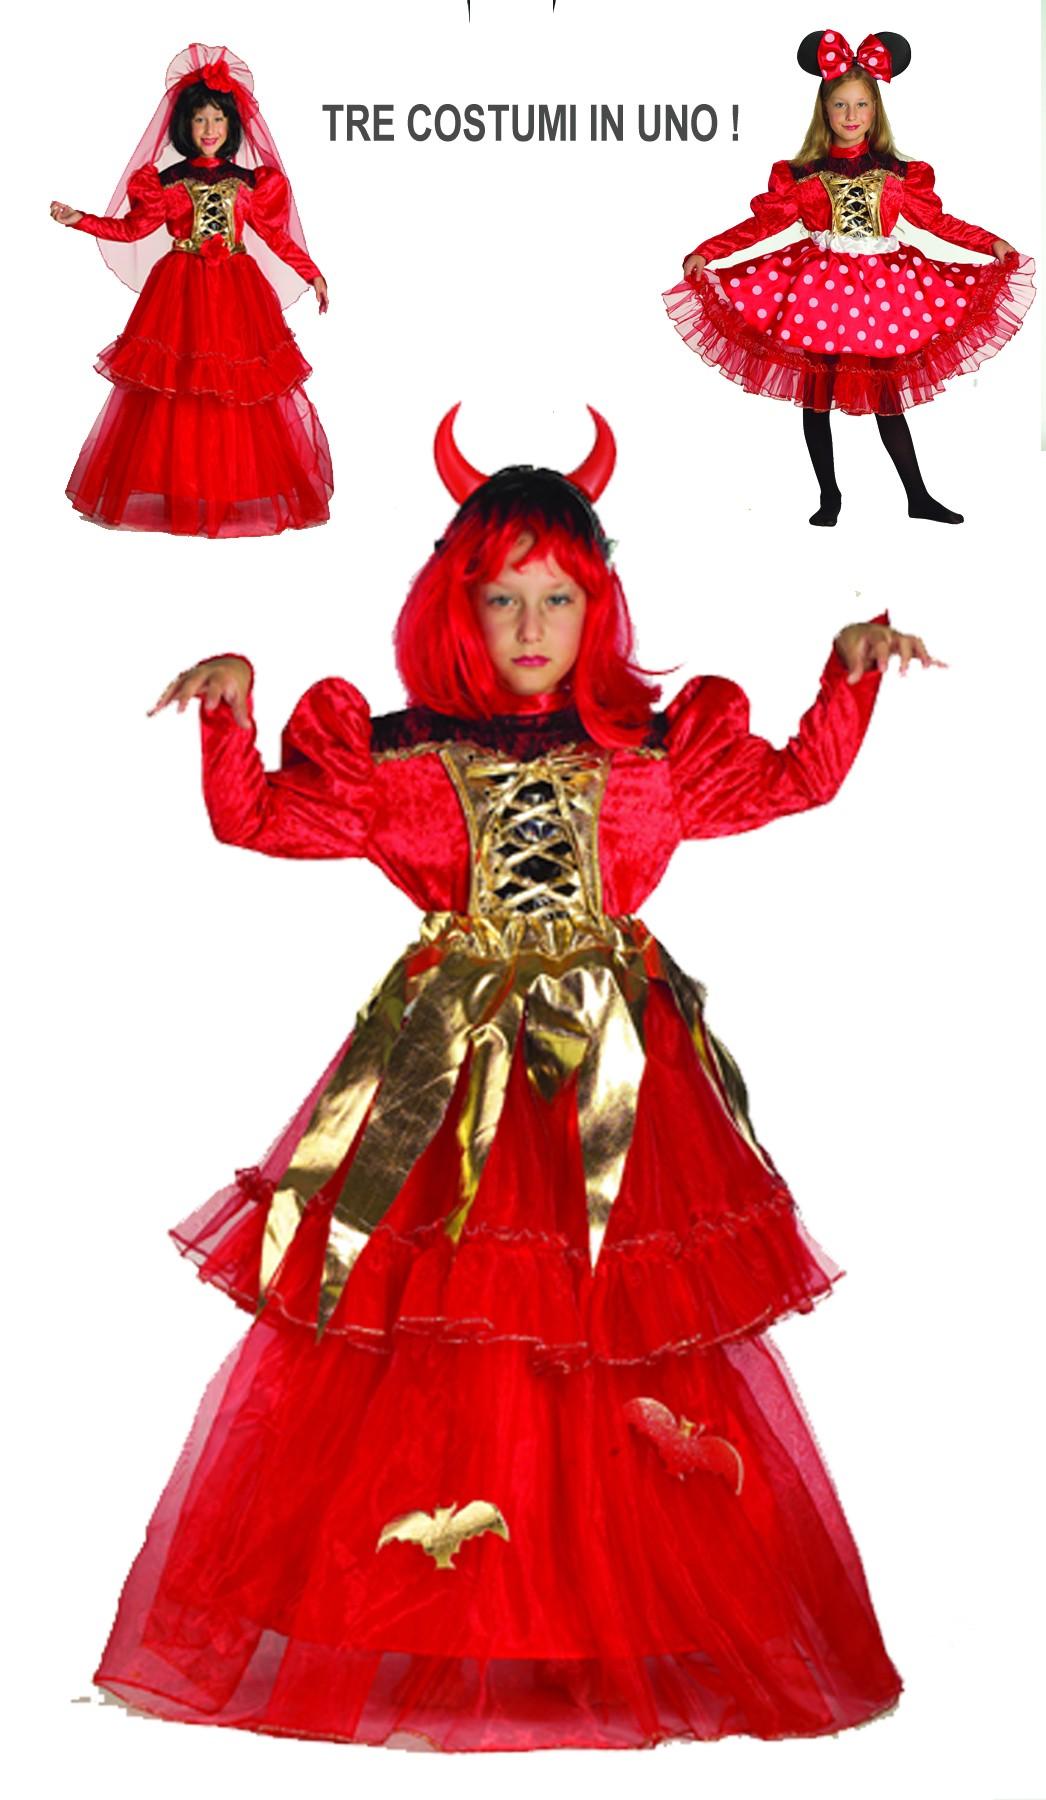 7ef1e53d860a Costume carnevale Bambina Minnie 3 Costumi In Uno Minnie Spagnola Diavola